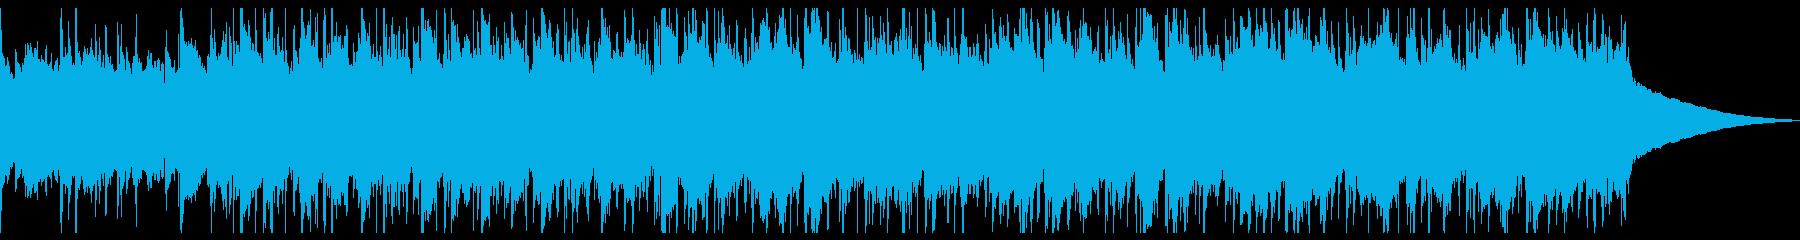 ソフトポップインスツルメント陽気で...の再生済みの波形